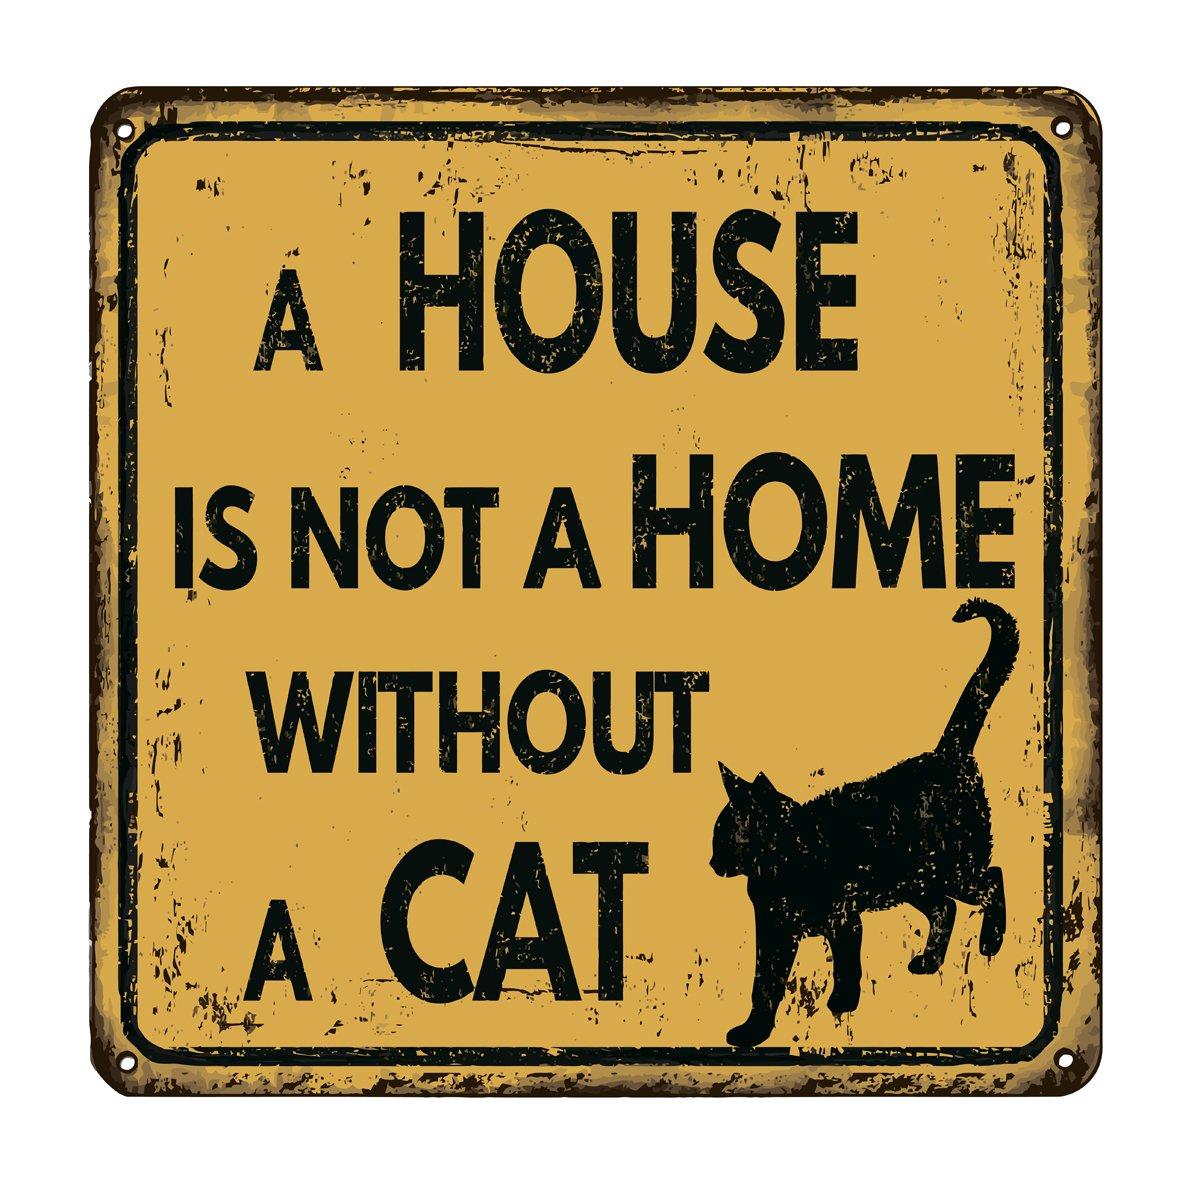 Постер-картина Смешные таблички Дом находится не дома без кошки старинные металлический знакСмешные таблички<br>Постер на холсте или бумаге. Любого нужного вам размера. В раме или без. Подвес в комплекте. Трехслойная надежная упаковка. Доставим в любую точку России. Вам осталось только повесить картину на стену!<br>